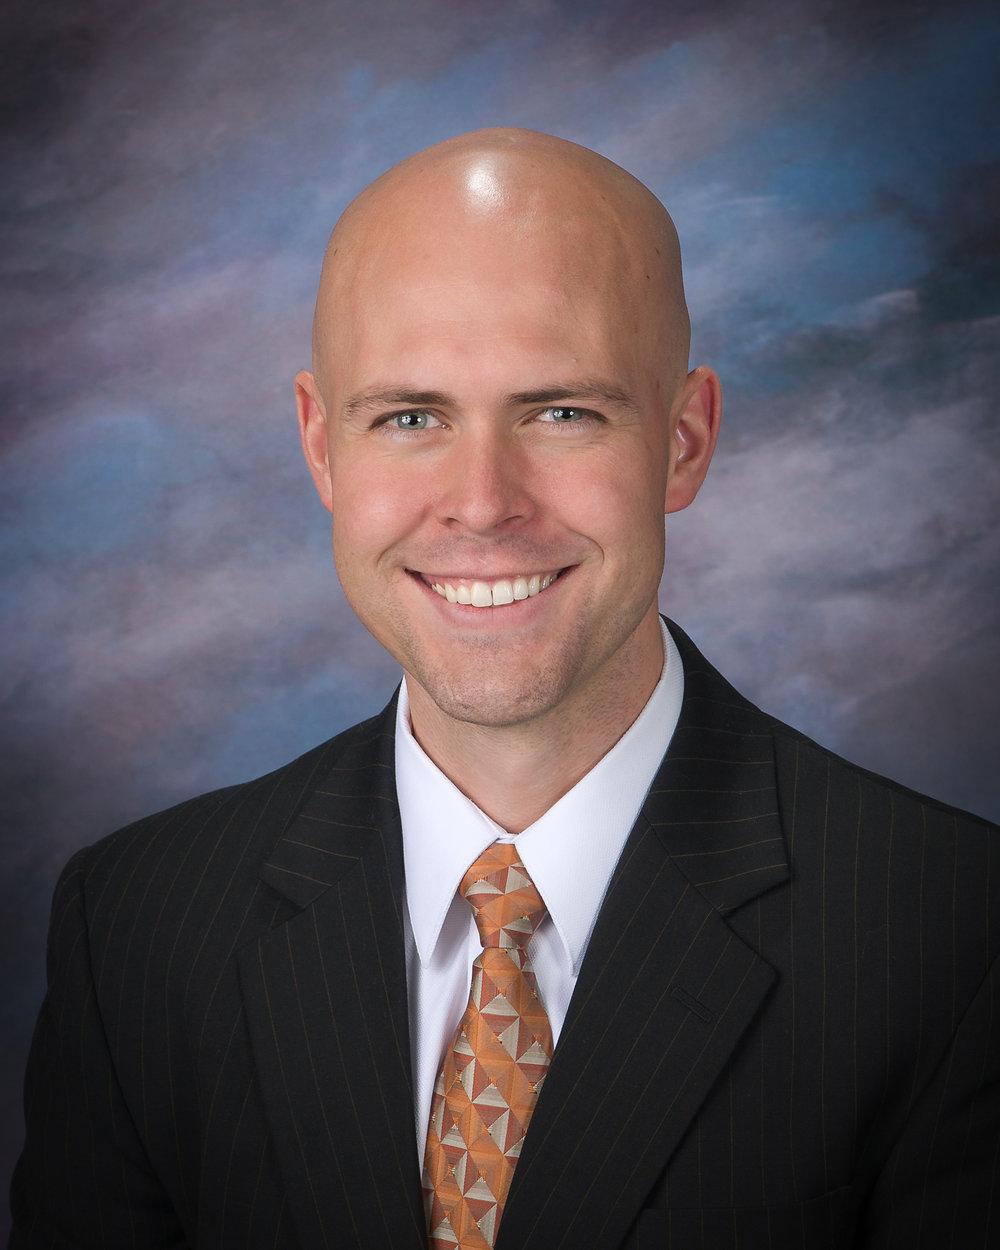 David P. Kasperson